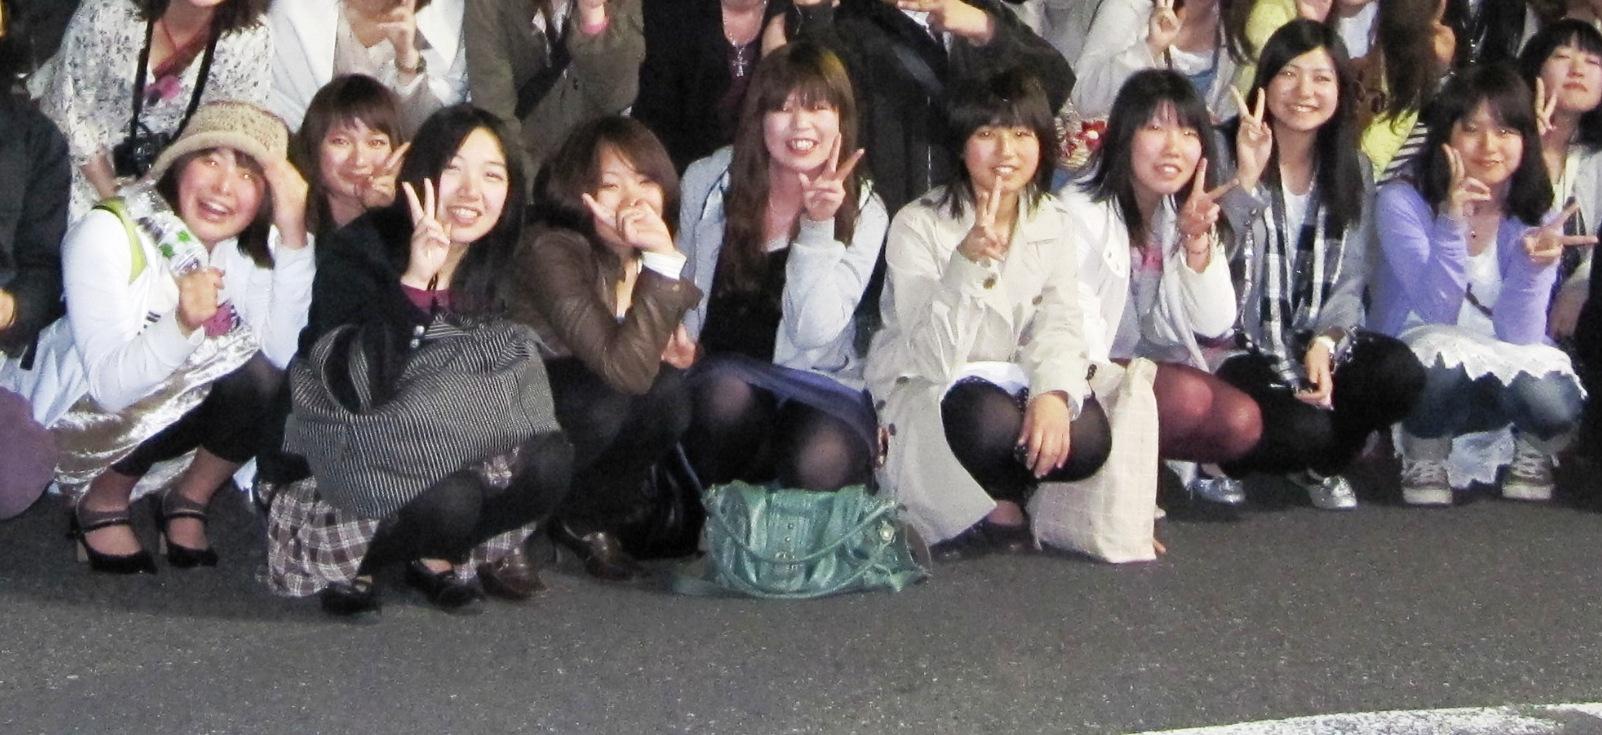 【集合写真パンチラ】集合写真で前列にスカートの女子が座ったら大チャ~ンス【拡大ありっすよ】